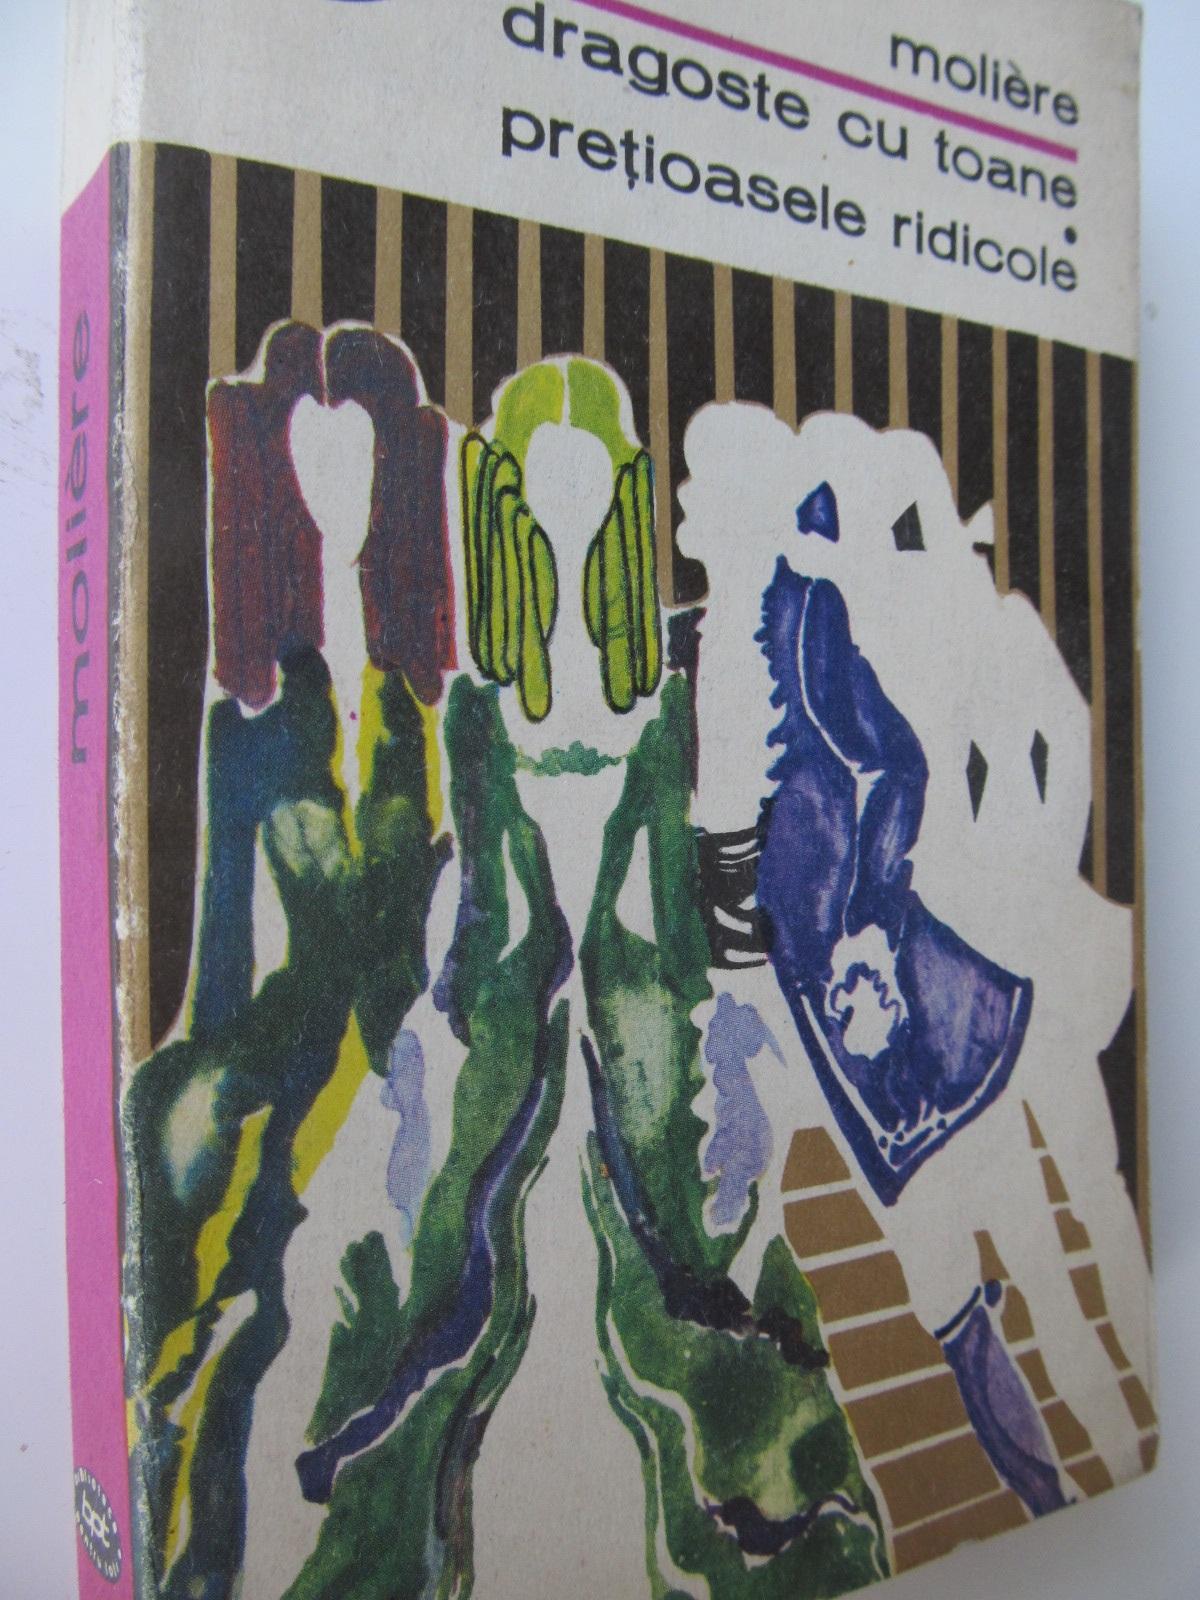 Dragoste cu toane - Pretioasele ridicole - Molliere | Detalii carte